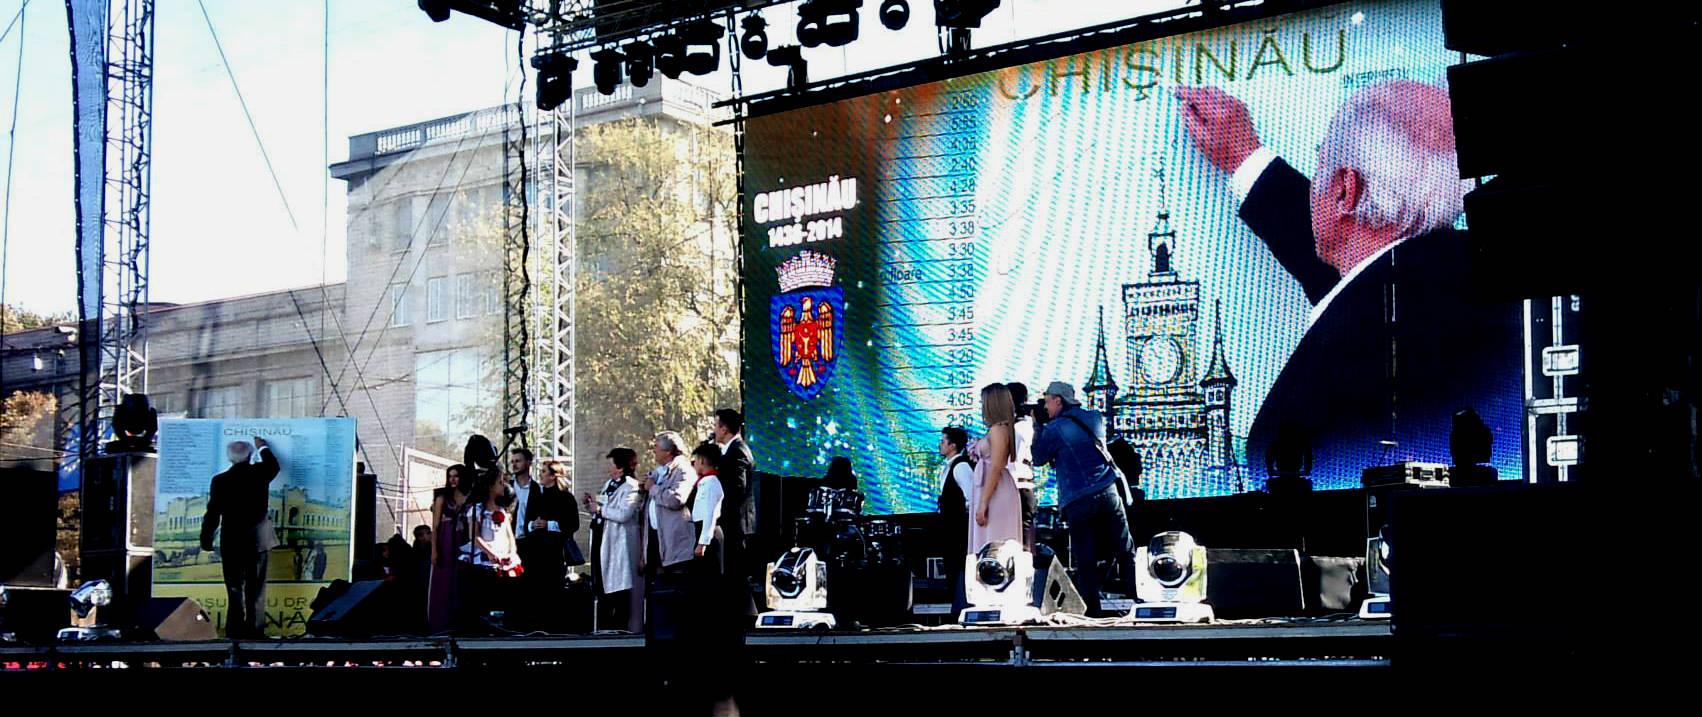 """Un CD cu cântece despre Chişinău a fost lansat marți, 14 octombrie, cu ocazia Sărbătorii orașului.       Tabloul """" Primaria orasului Chisinau""""  a devenit coperta discului pe care interpreti precum: Eugen Doga, Radu Dolgan, Triboi Aliona si altii si-au lasat simbolic autografele in cadrul manifestarii de lansare oficiala a CD-ului """"Orasul meu drag Chisinau"""""""